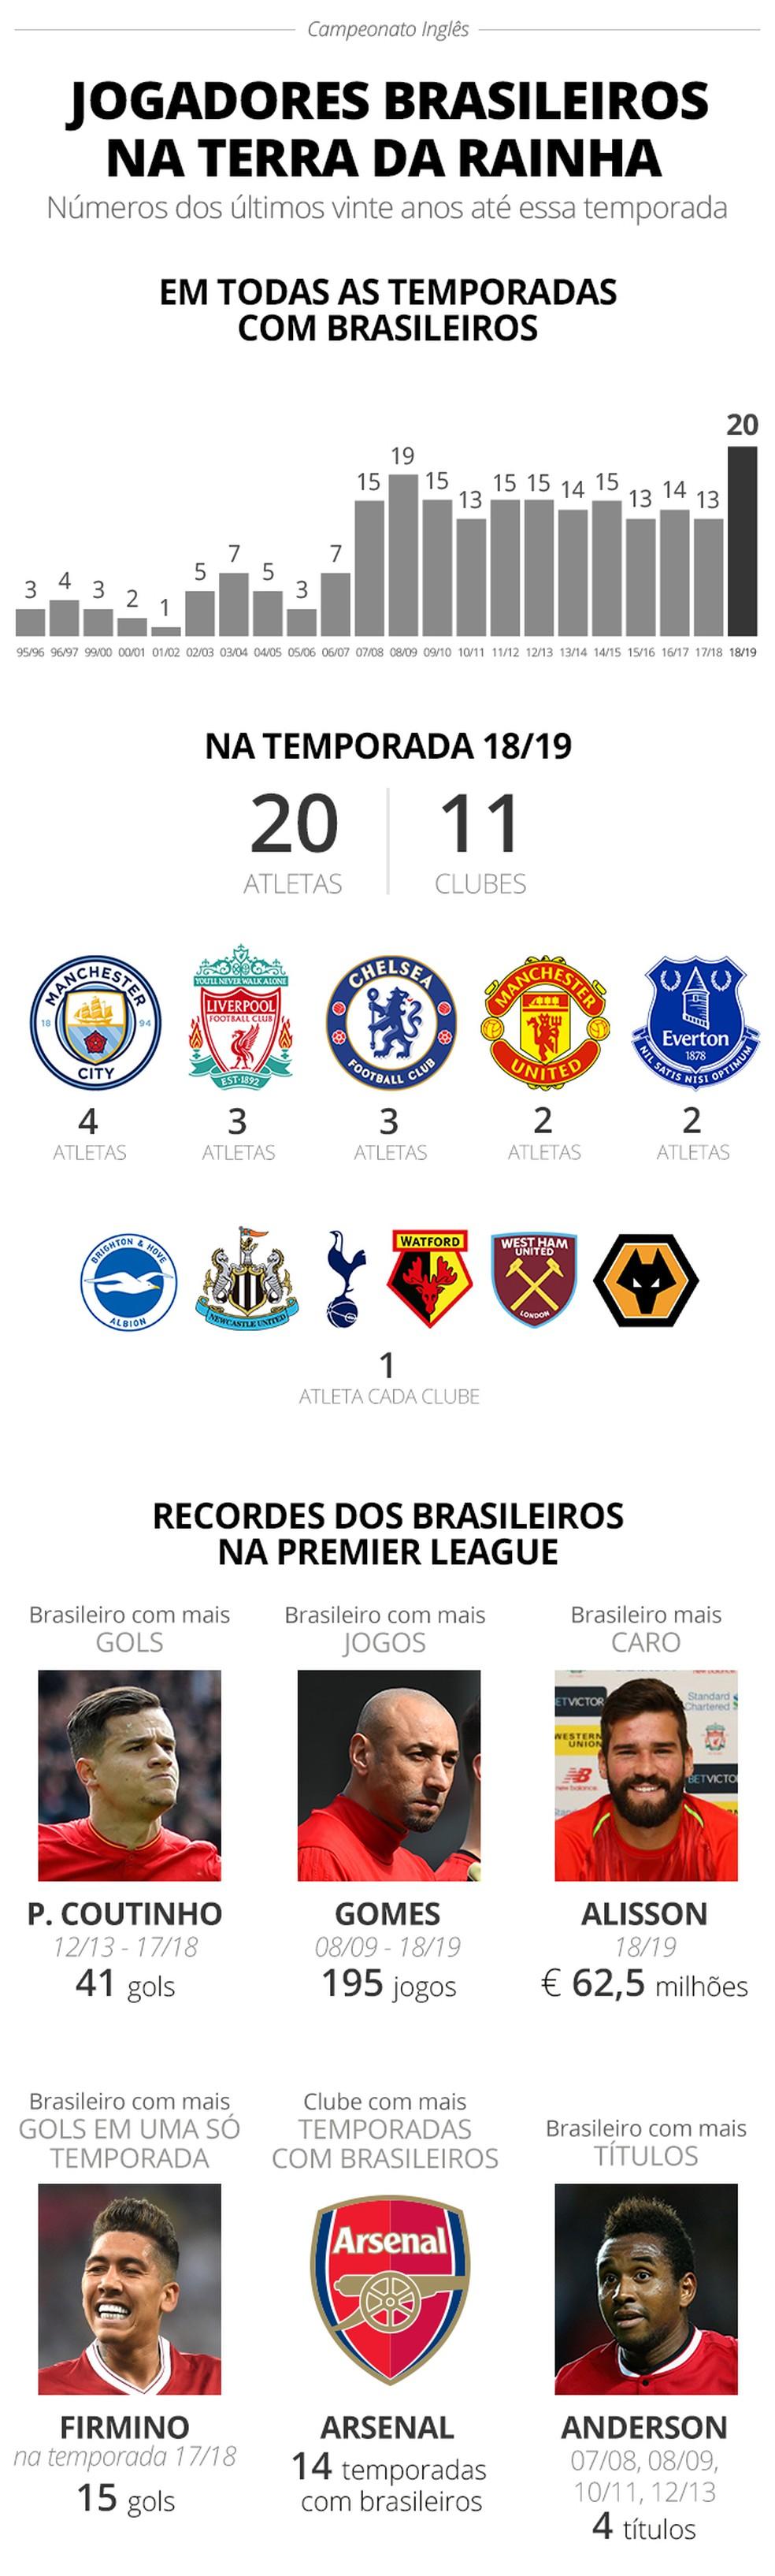 Jogadores brasileiros no Campeonato Inglês (Foto: GloboEsporte.com)